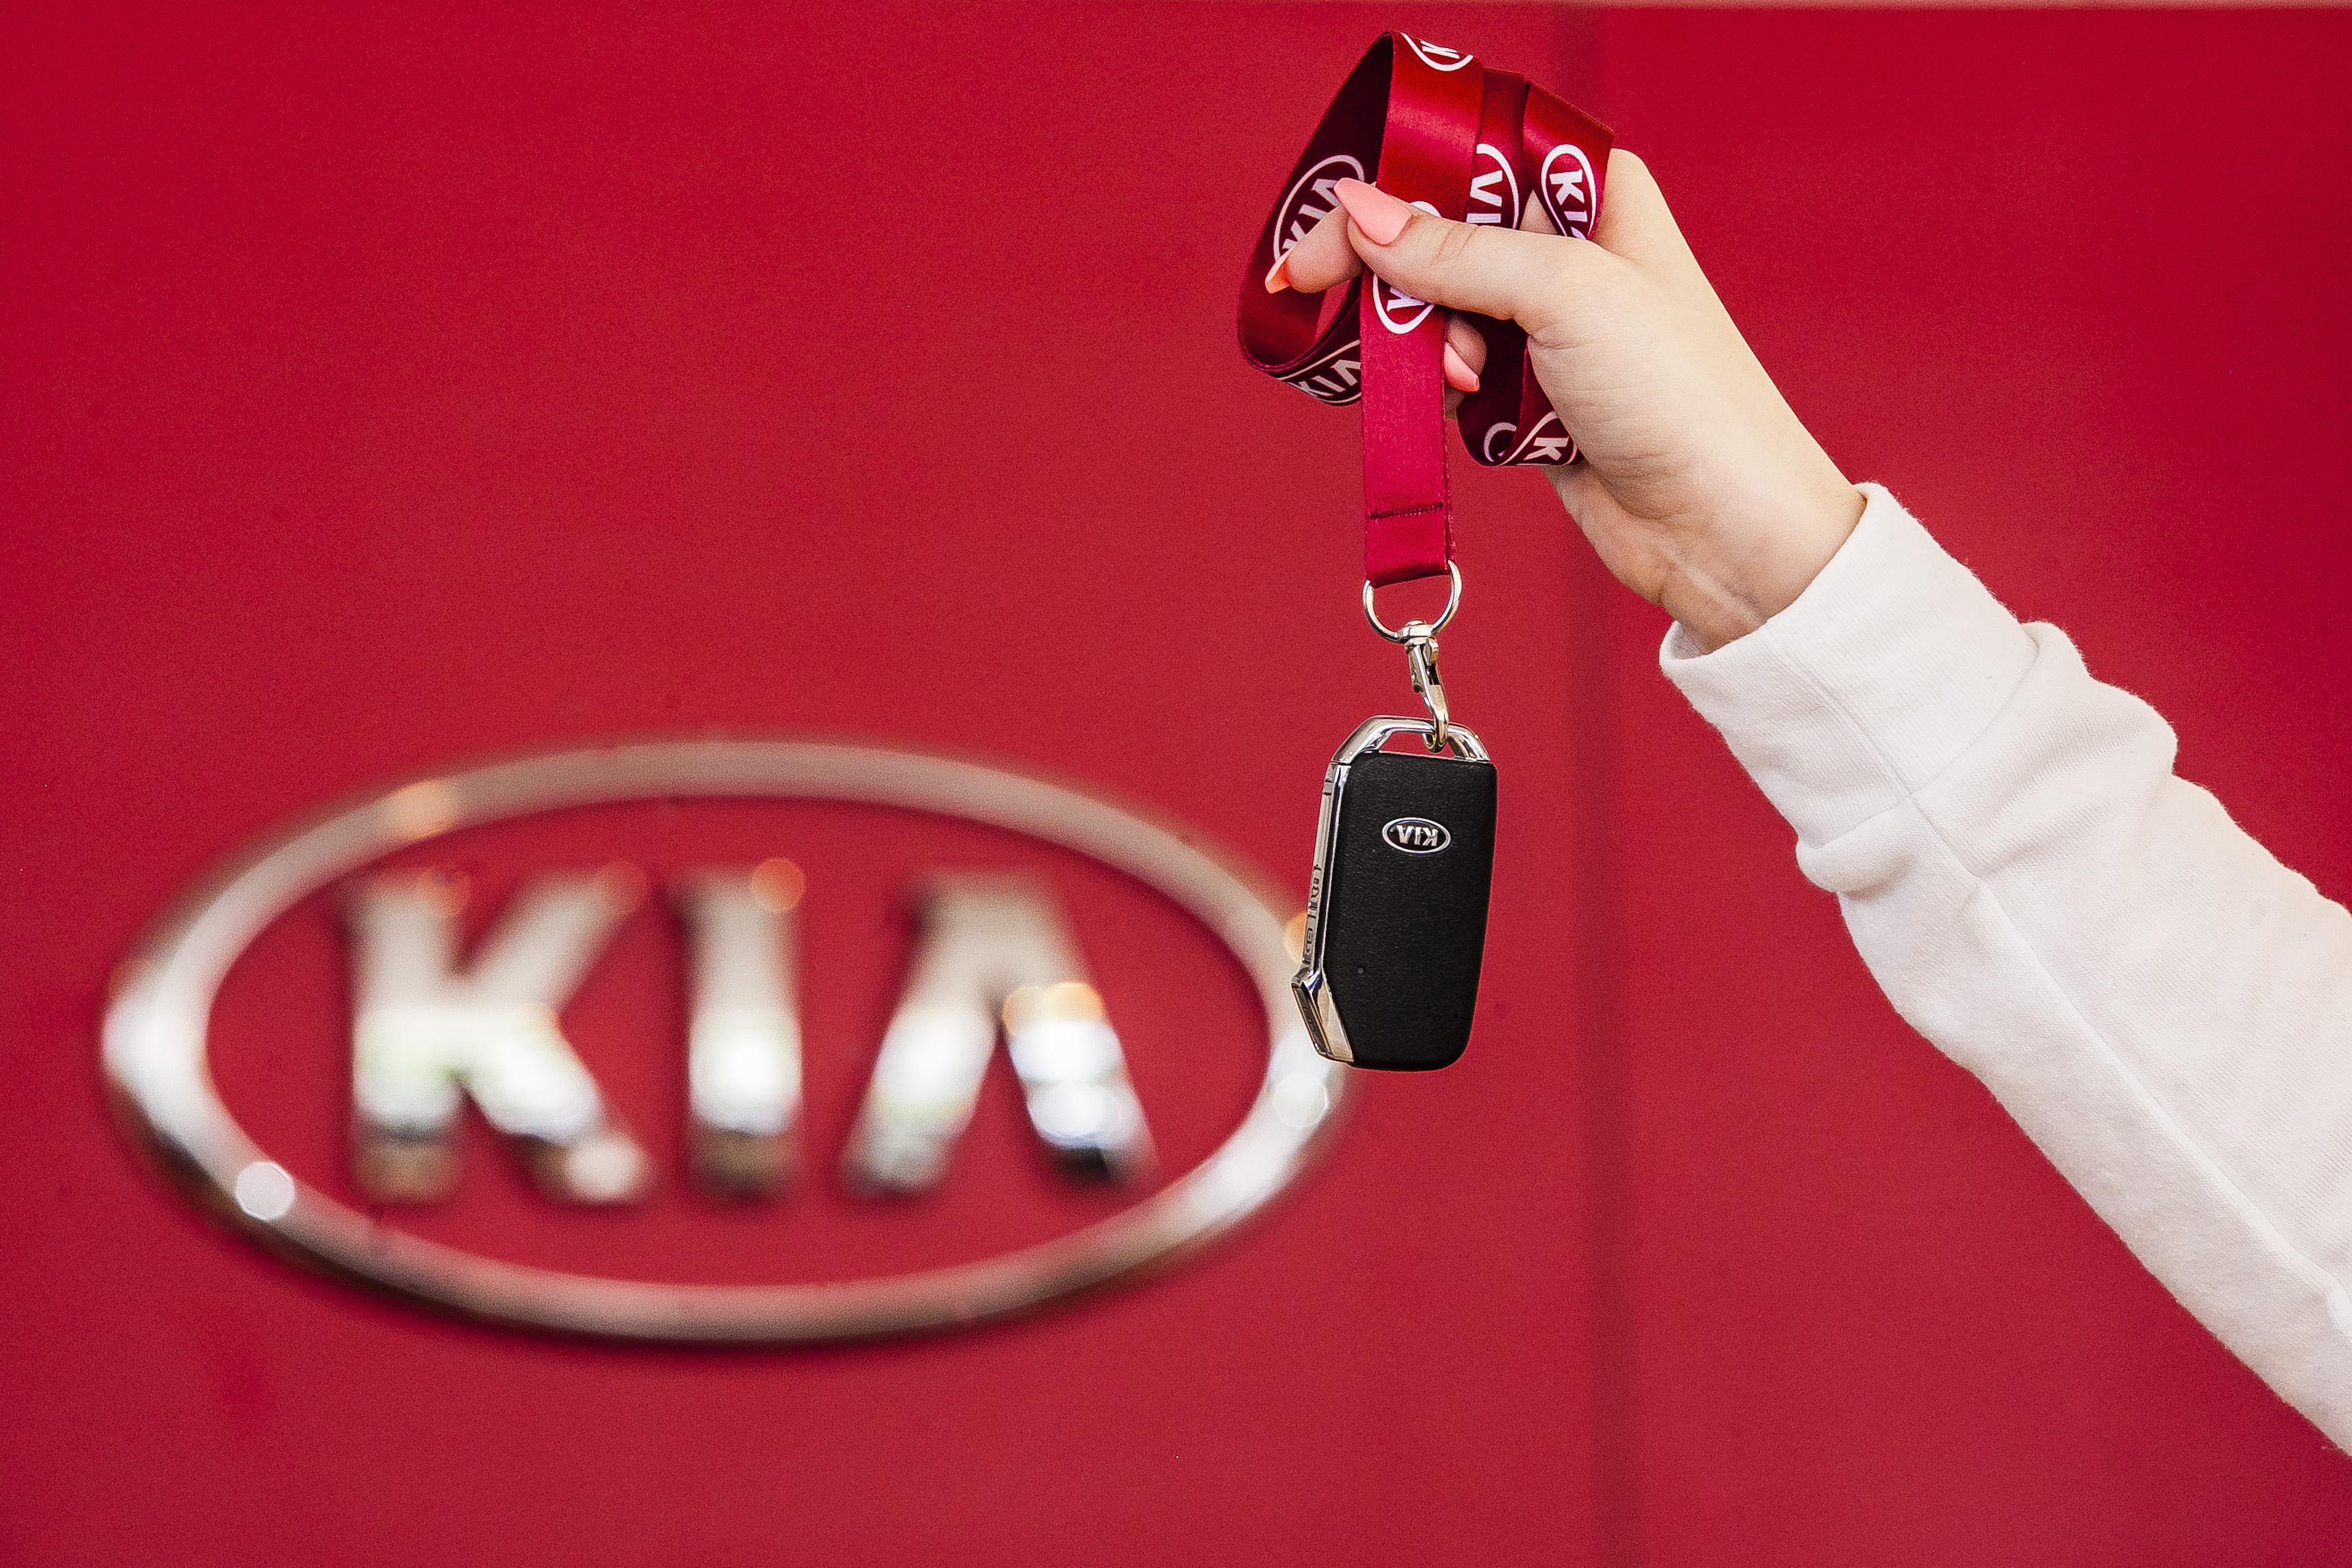 Auto Stahl Kia Schlüssel